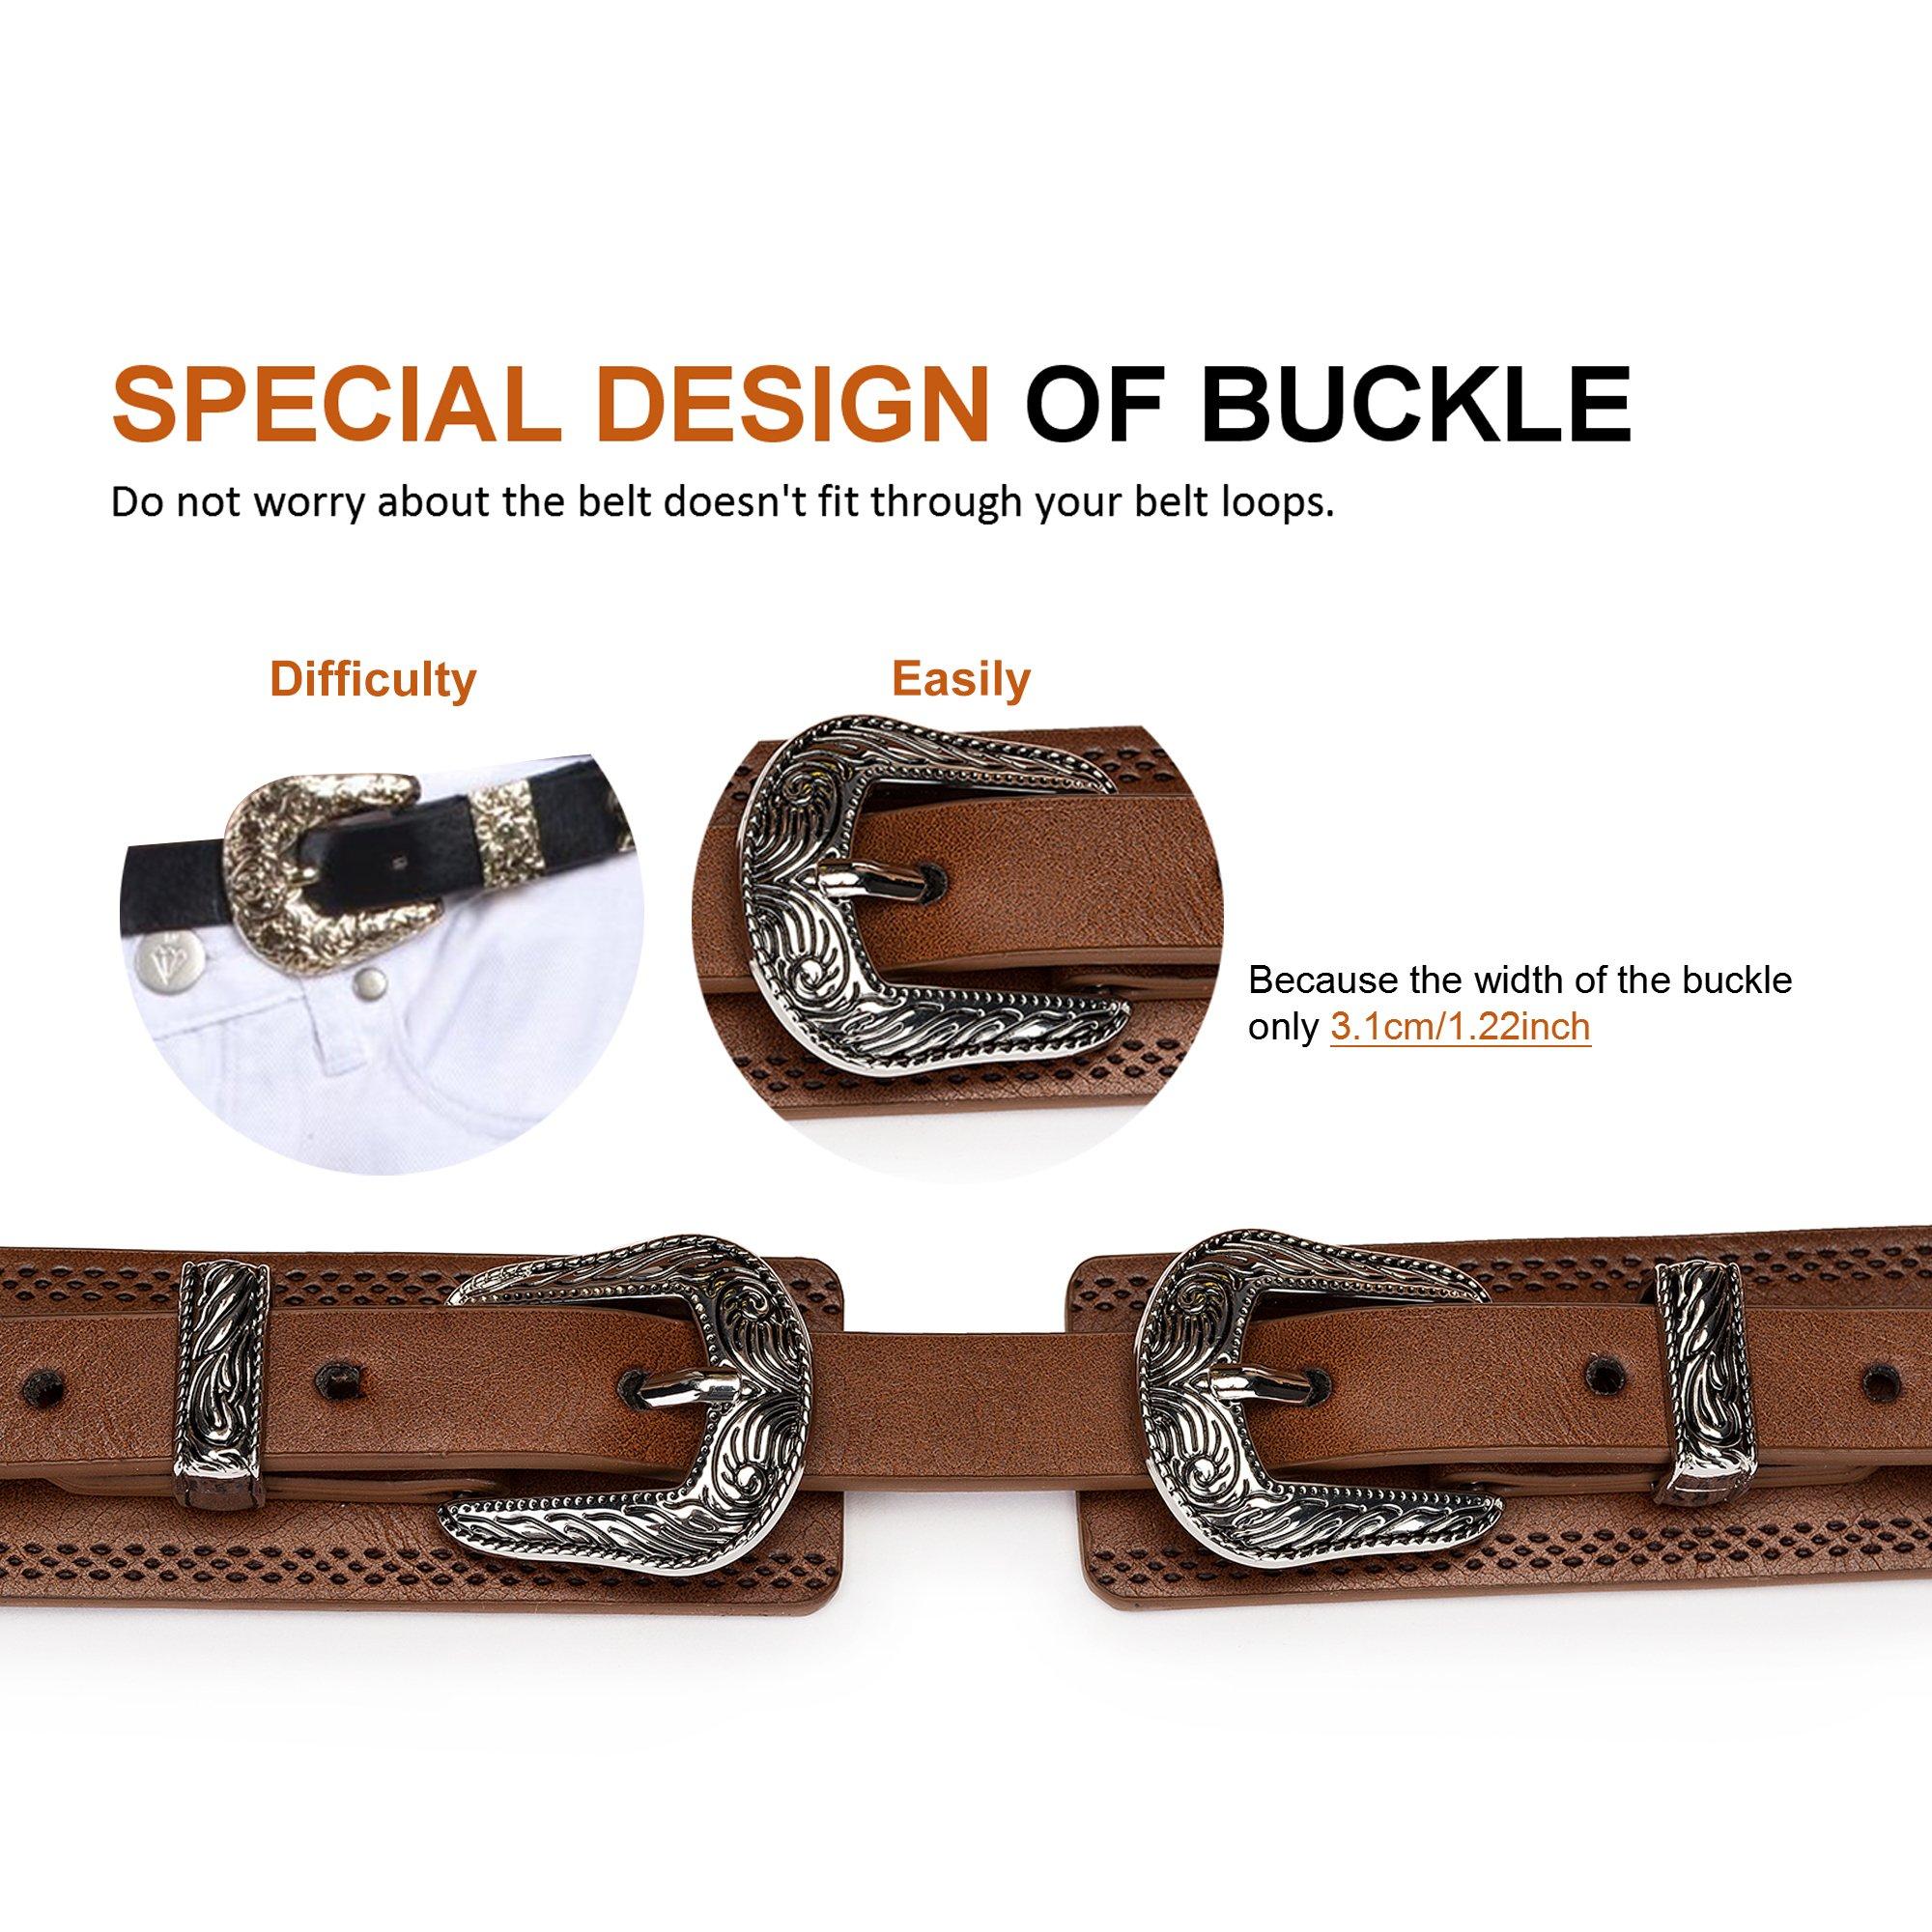 Tanpie Western Leather Belt for Women Boho Waist Belt with Designer Metal Double Buckle Yellow Brown L by Tanpie (Image #4)